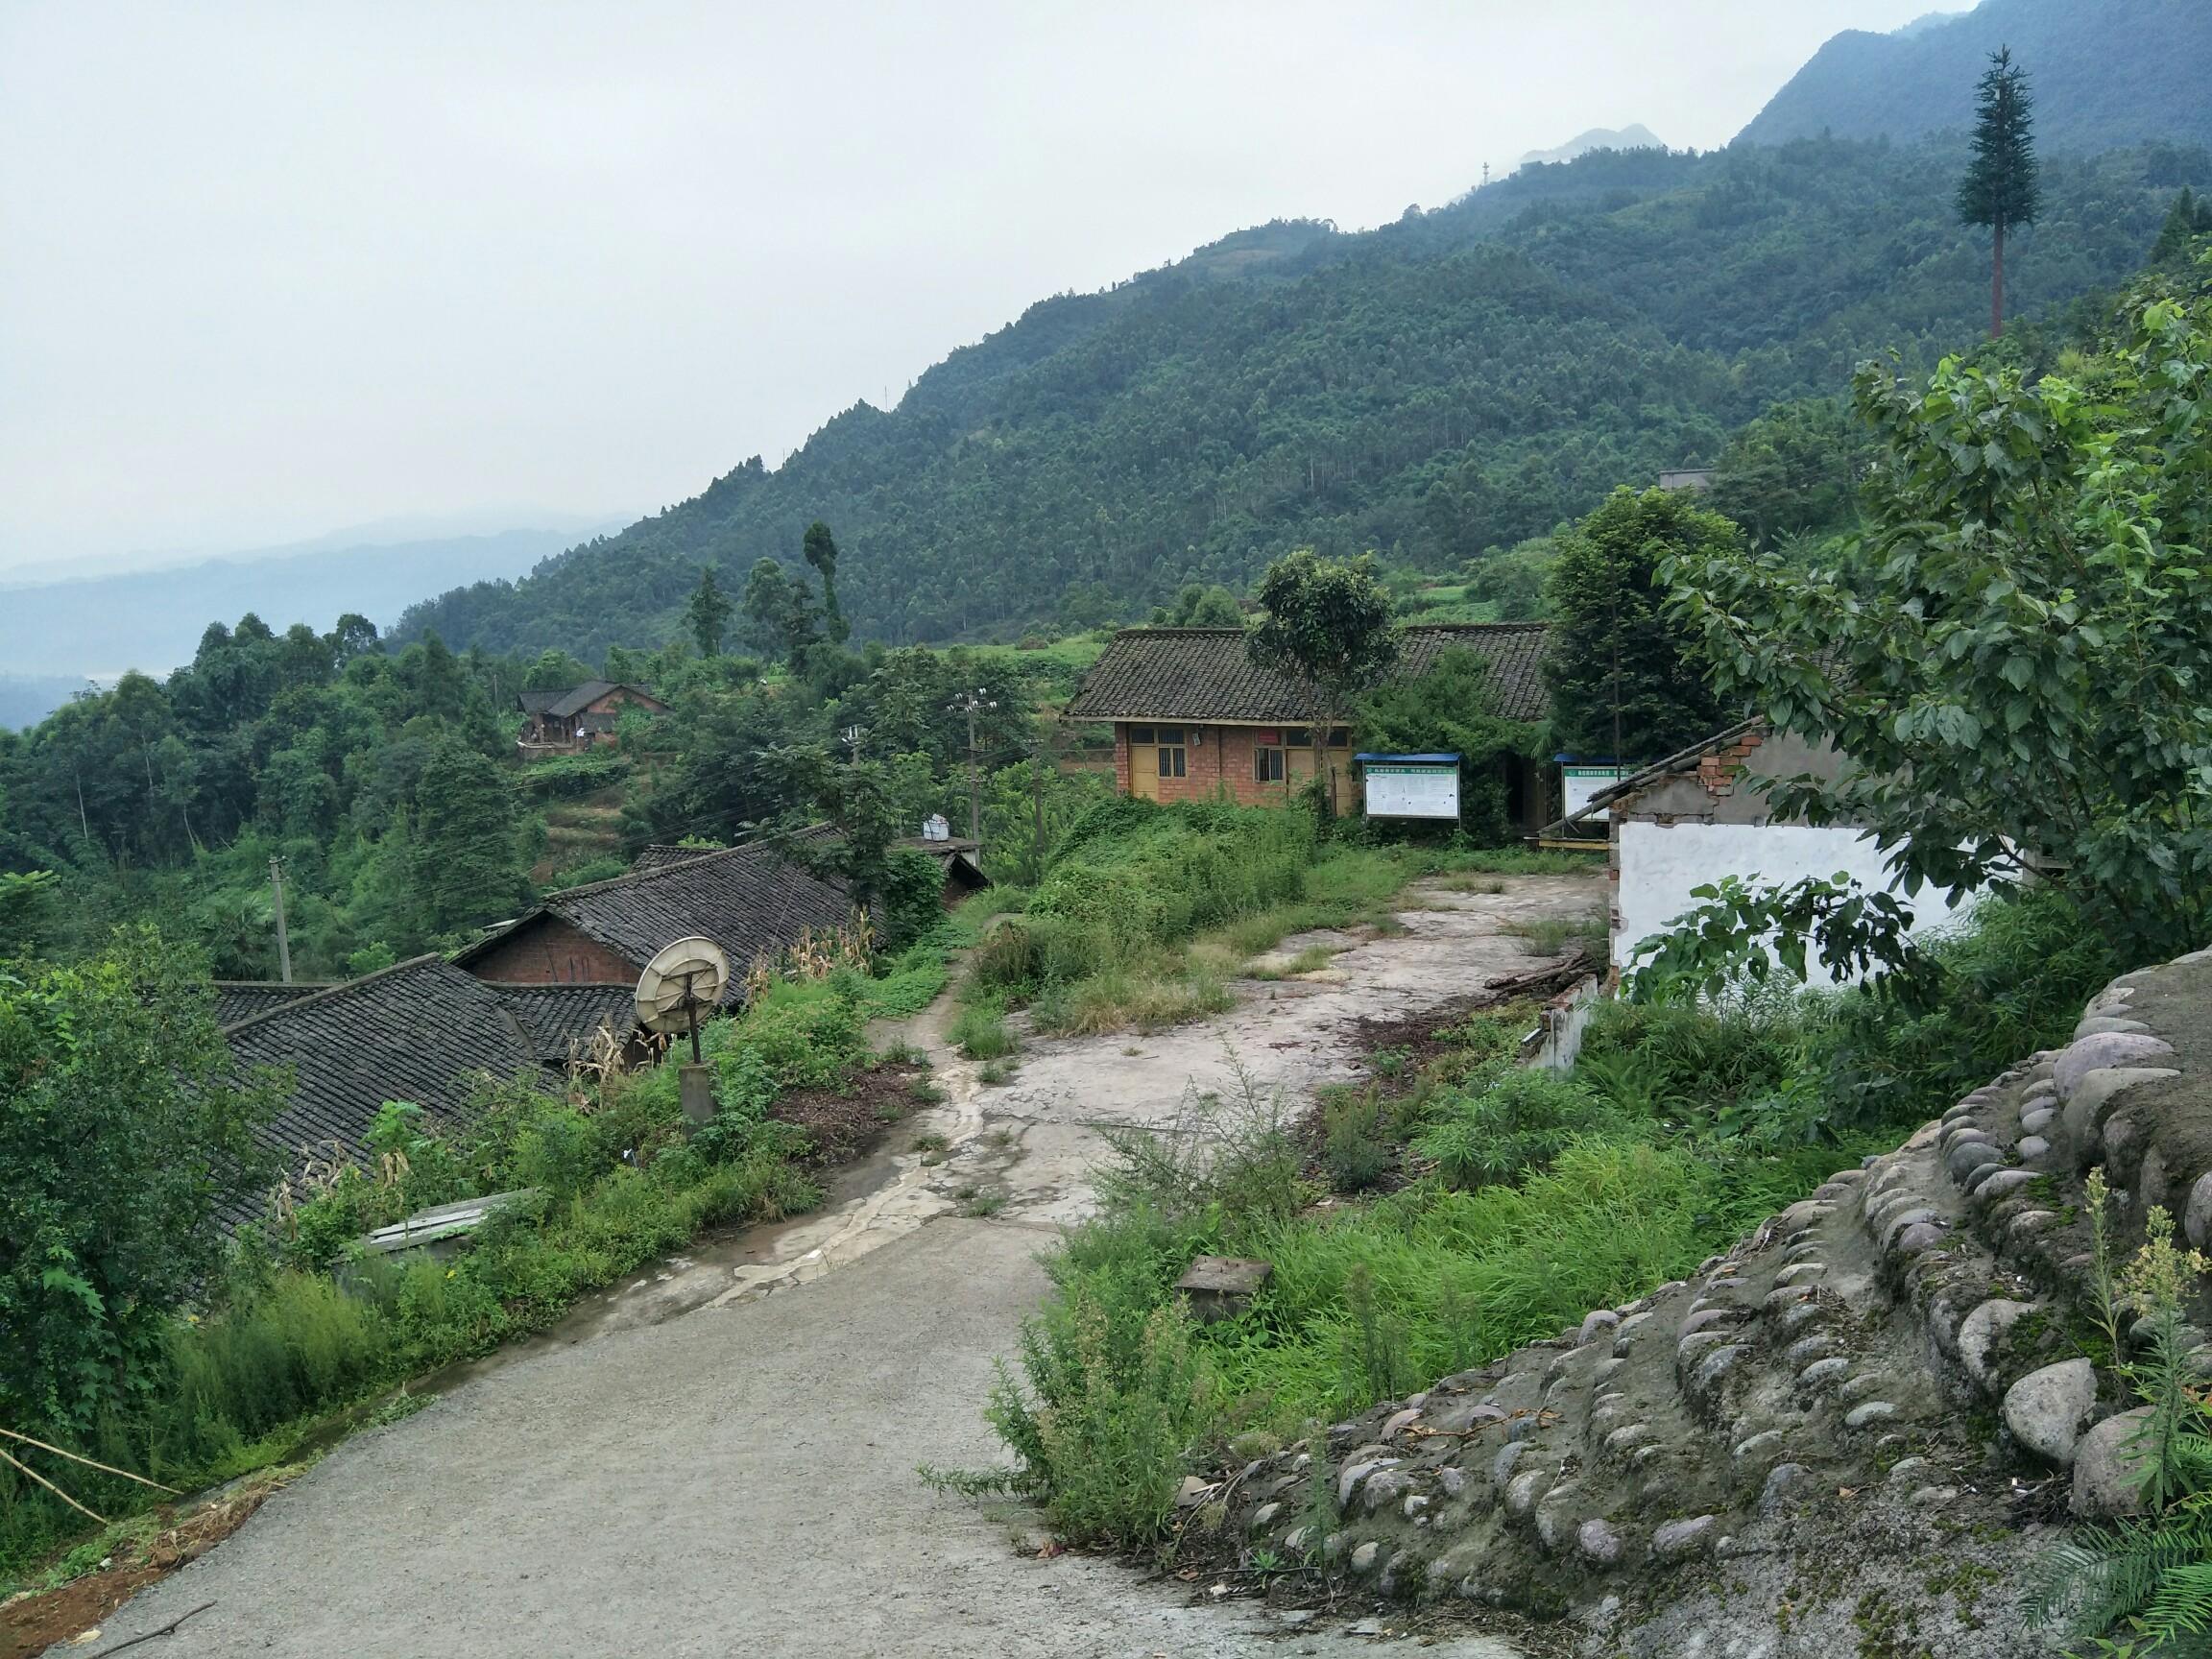 乐山美女峰森林公园分享展示